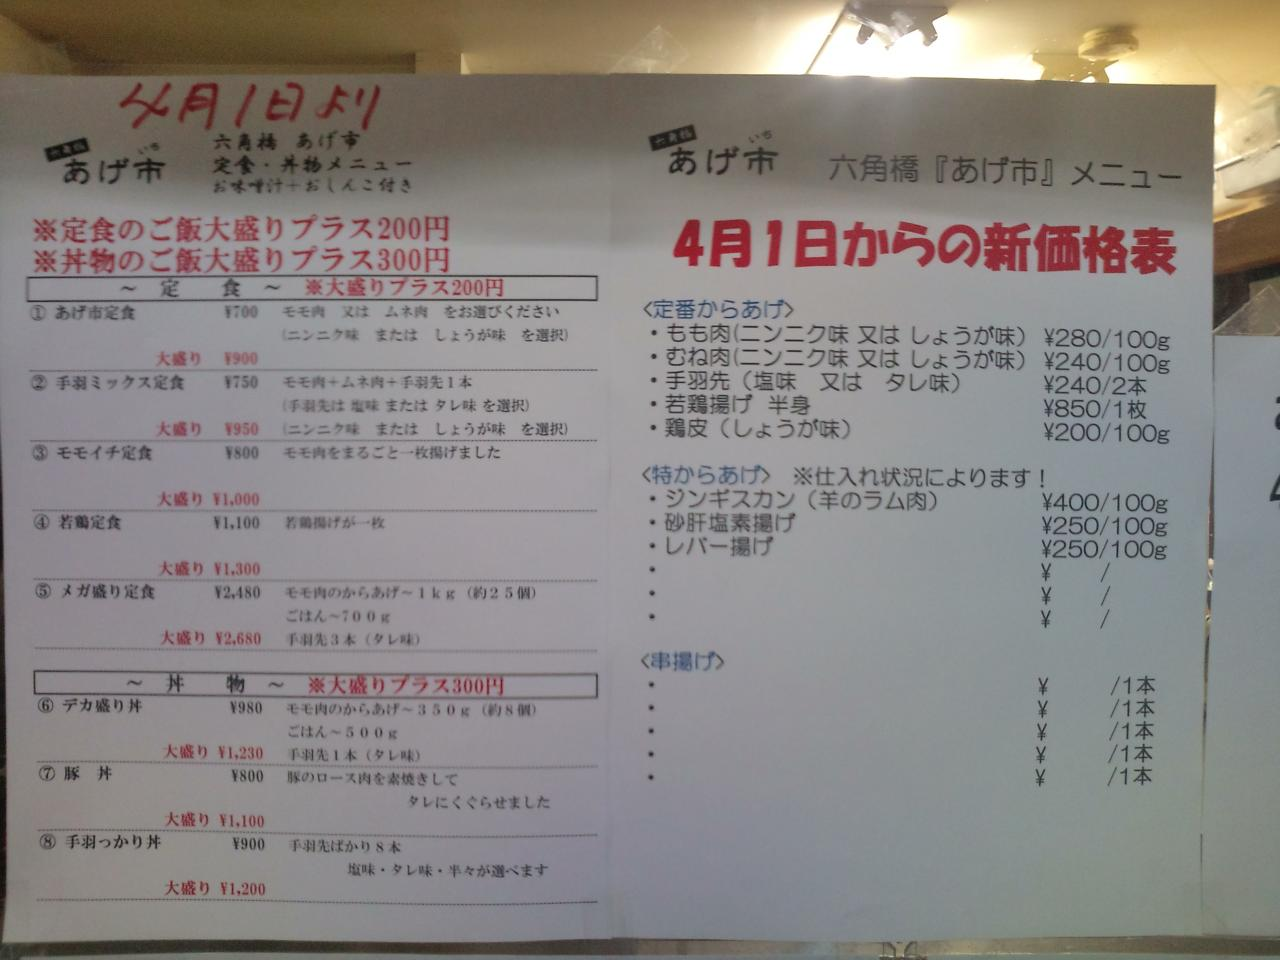 六角橋あげ市(メニュー)